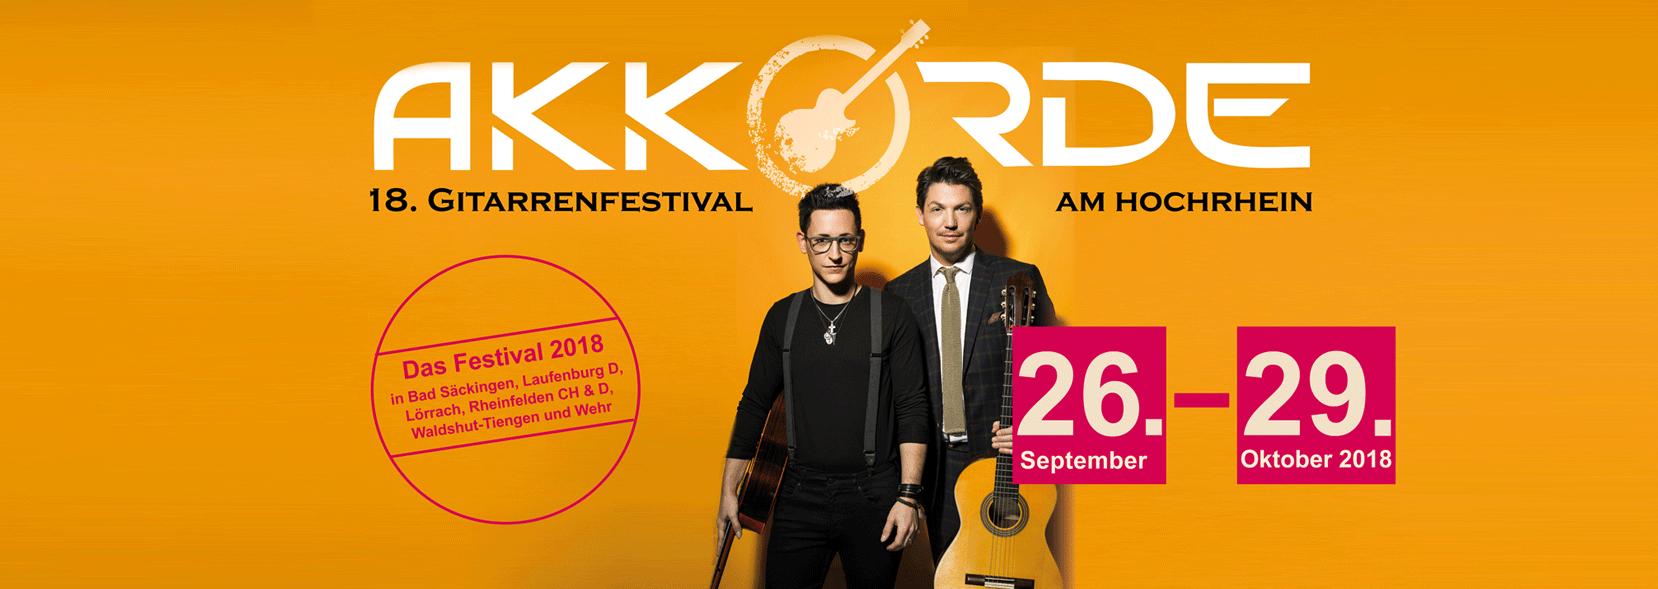 """Werbebild für das Gitarrenfestival """"Akkorde""""aus dem vergangenen Jahr"""